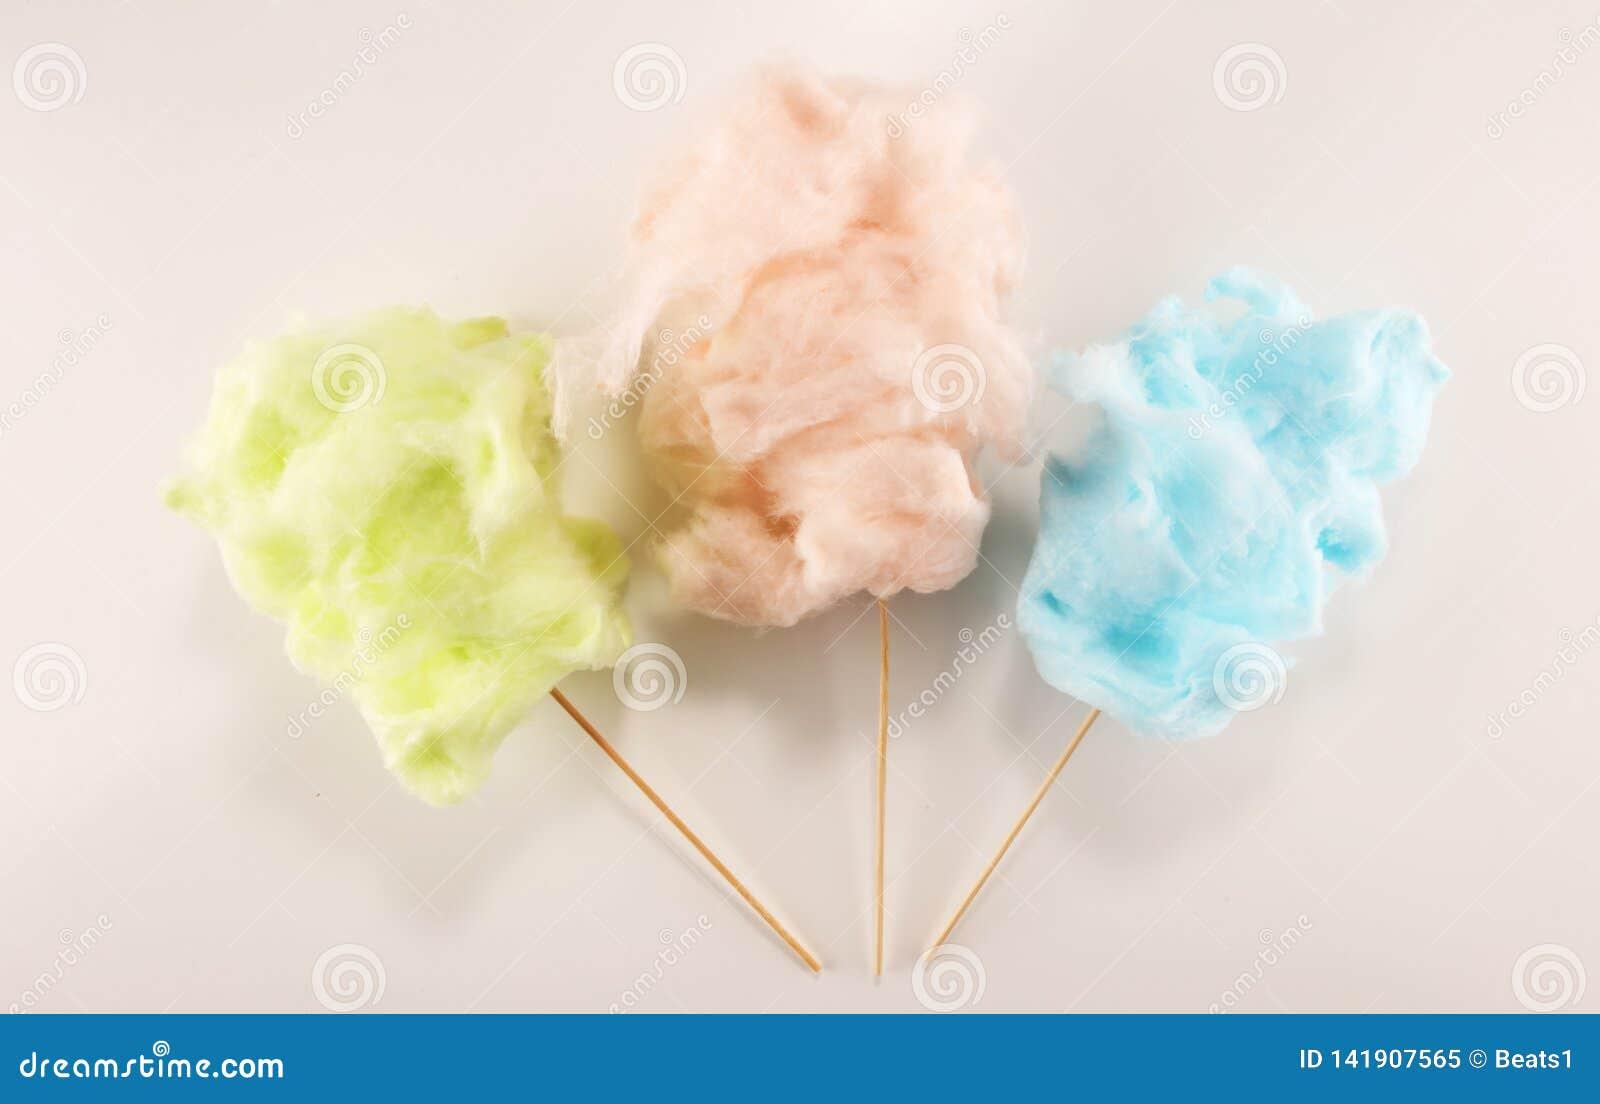 Красочная зубочистка конфеты хлопка сладкие еда партии в пинке и зеленый